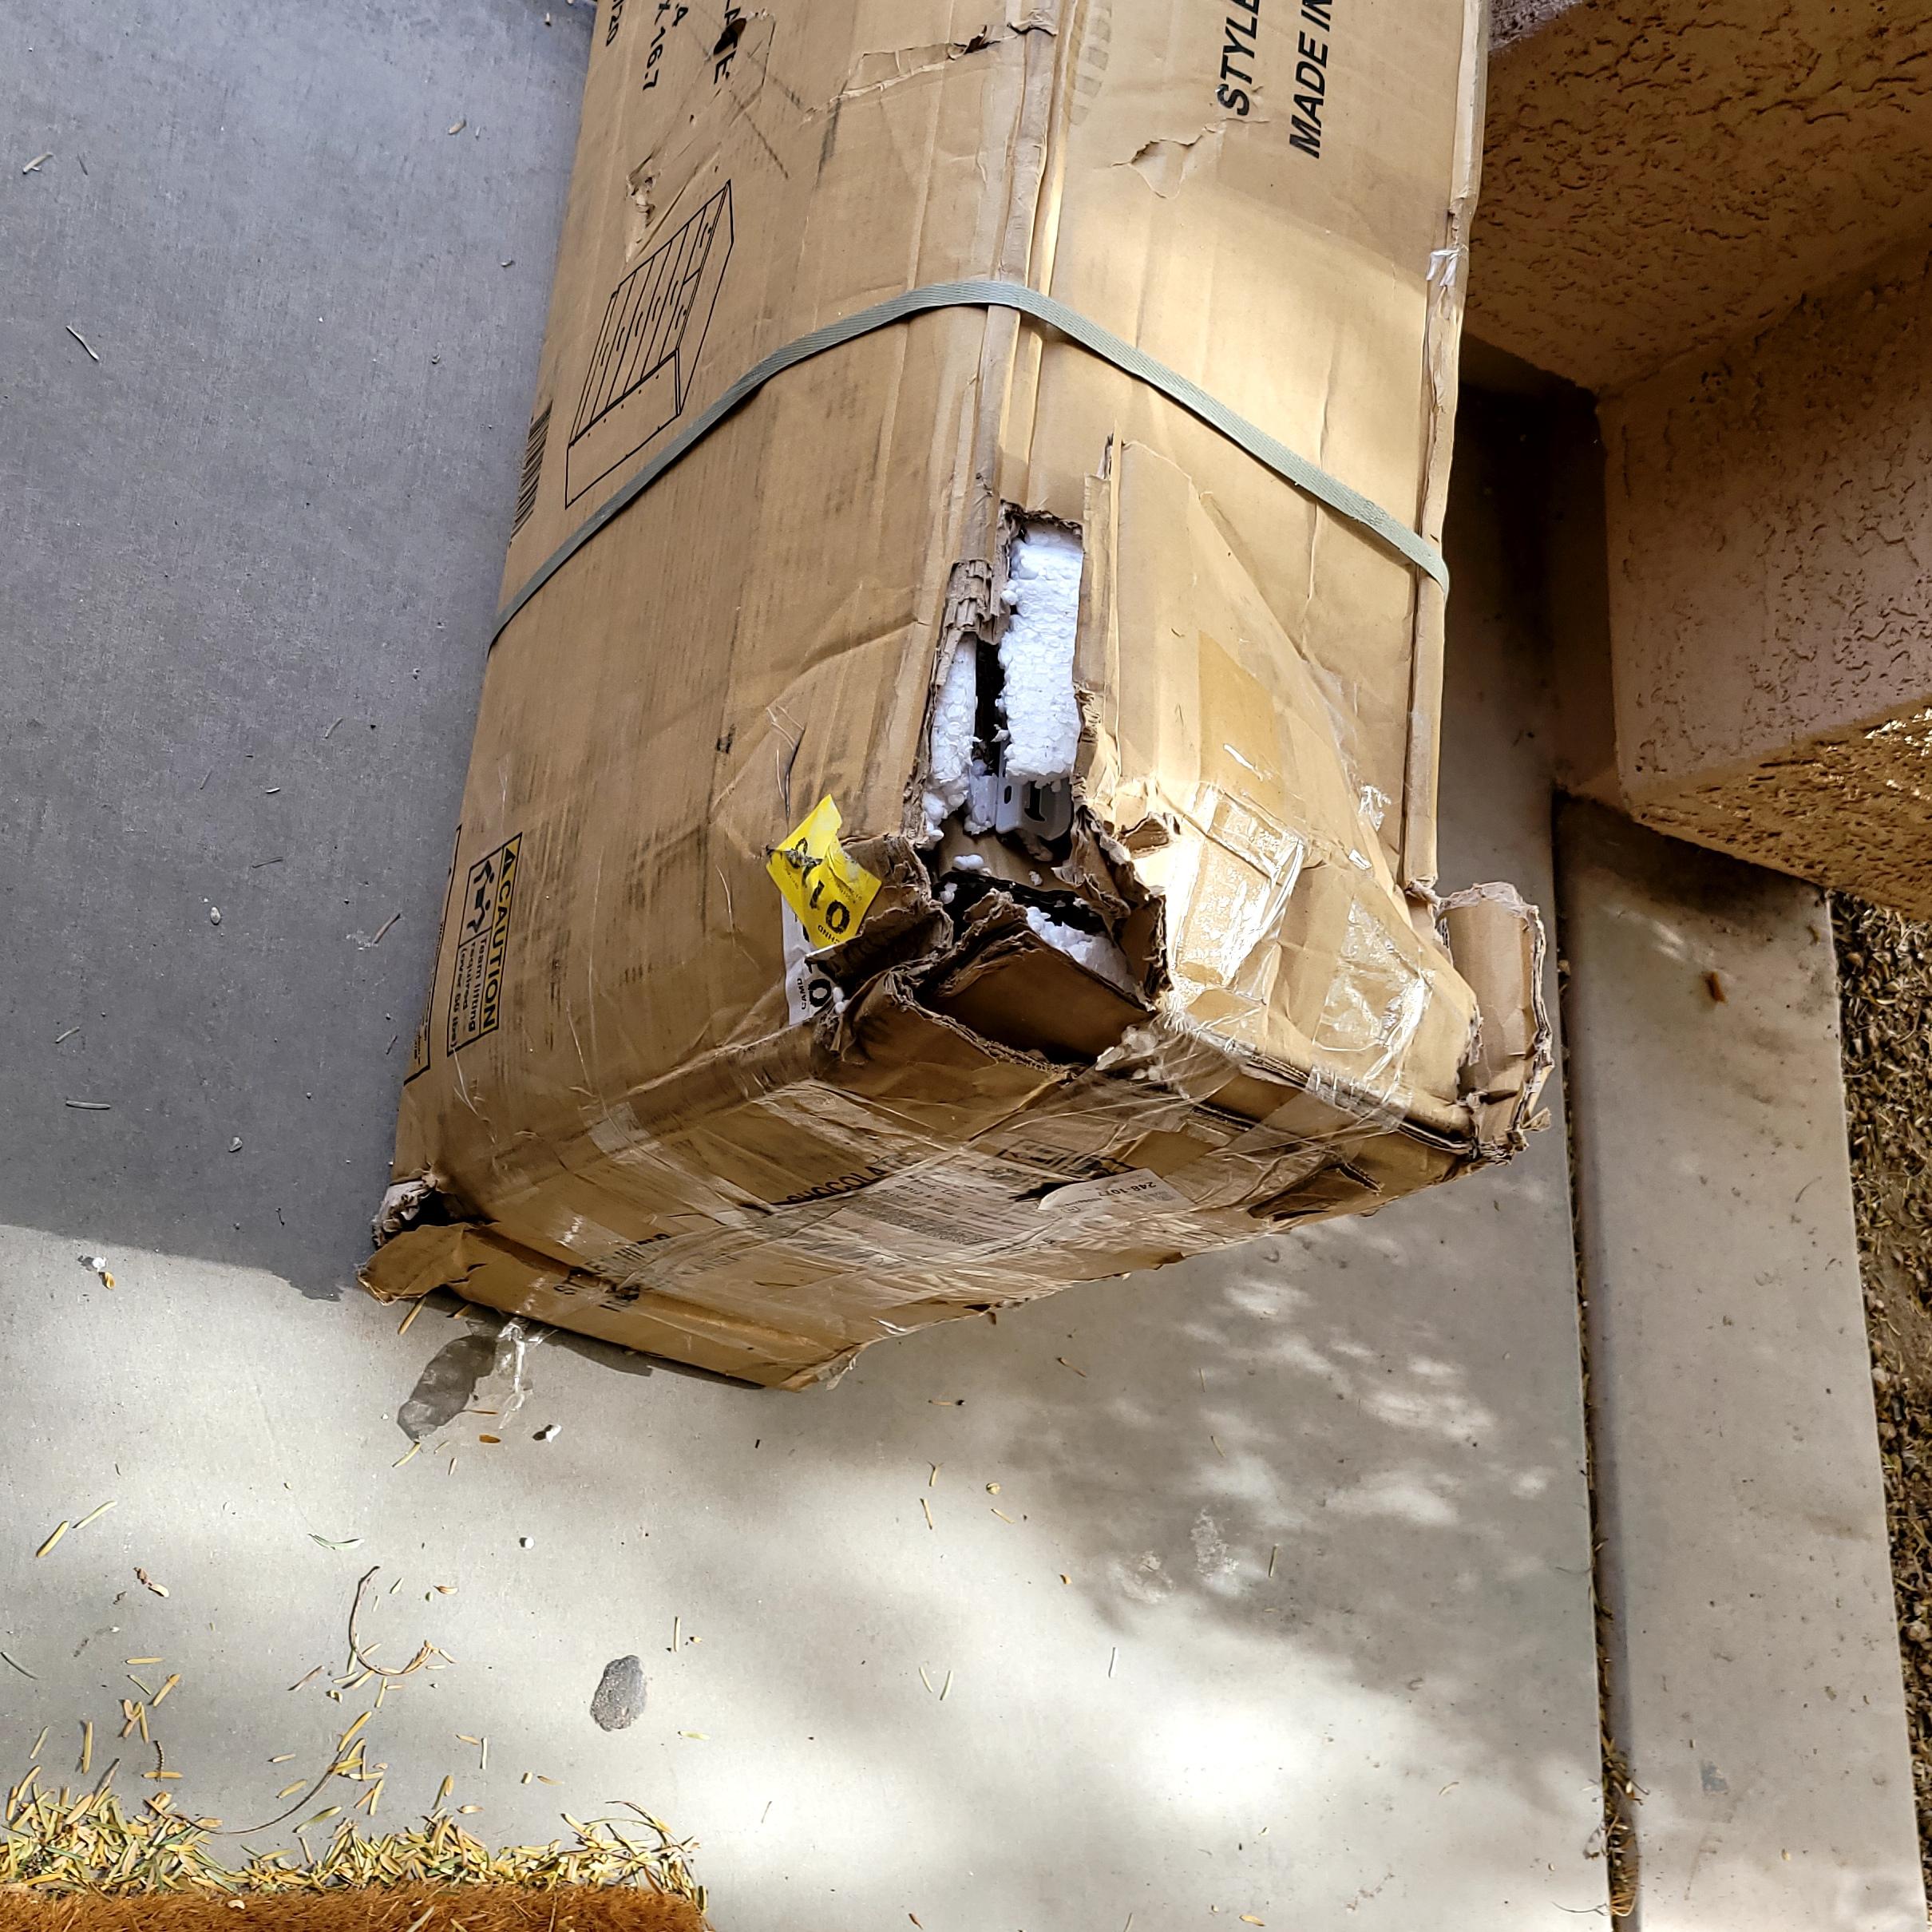 Damaged Dresser